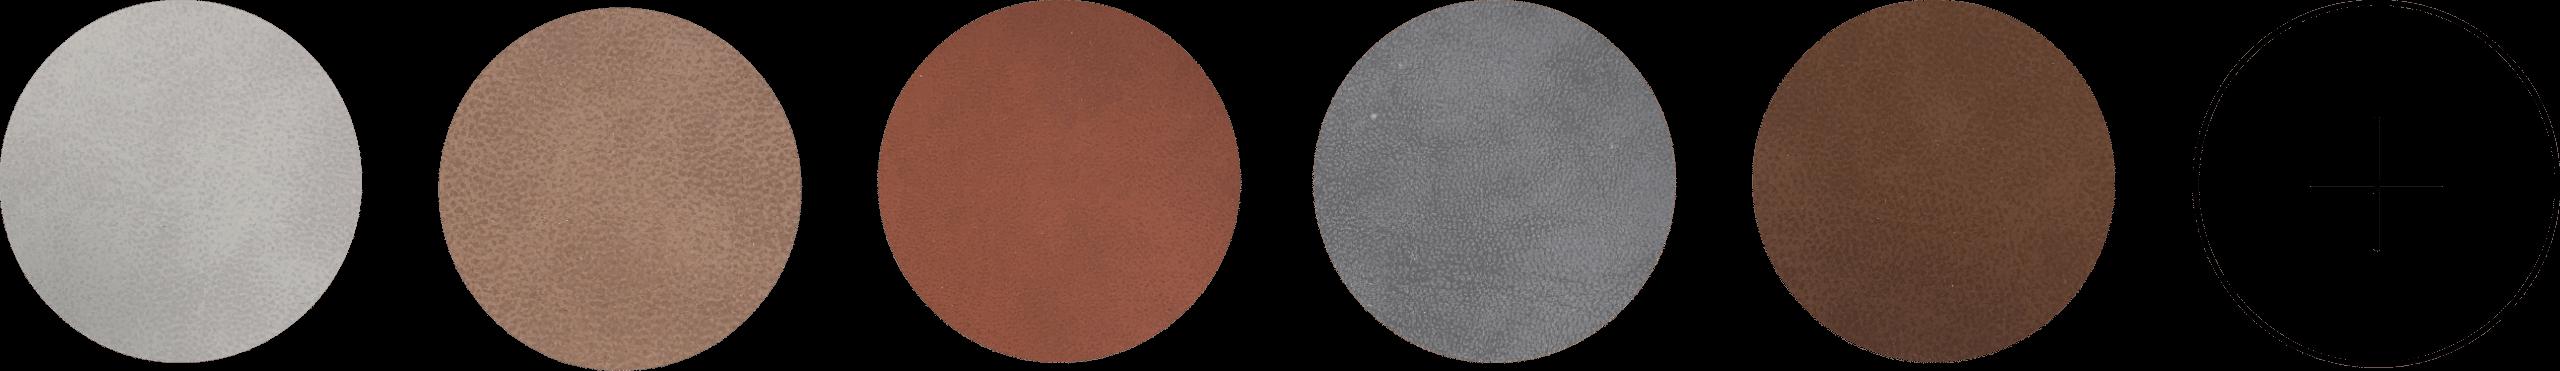 12 verschillende donkere kleuren bekleding voor stoelen en banken